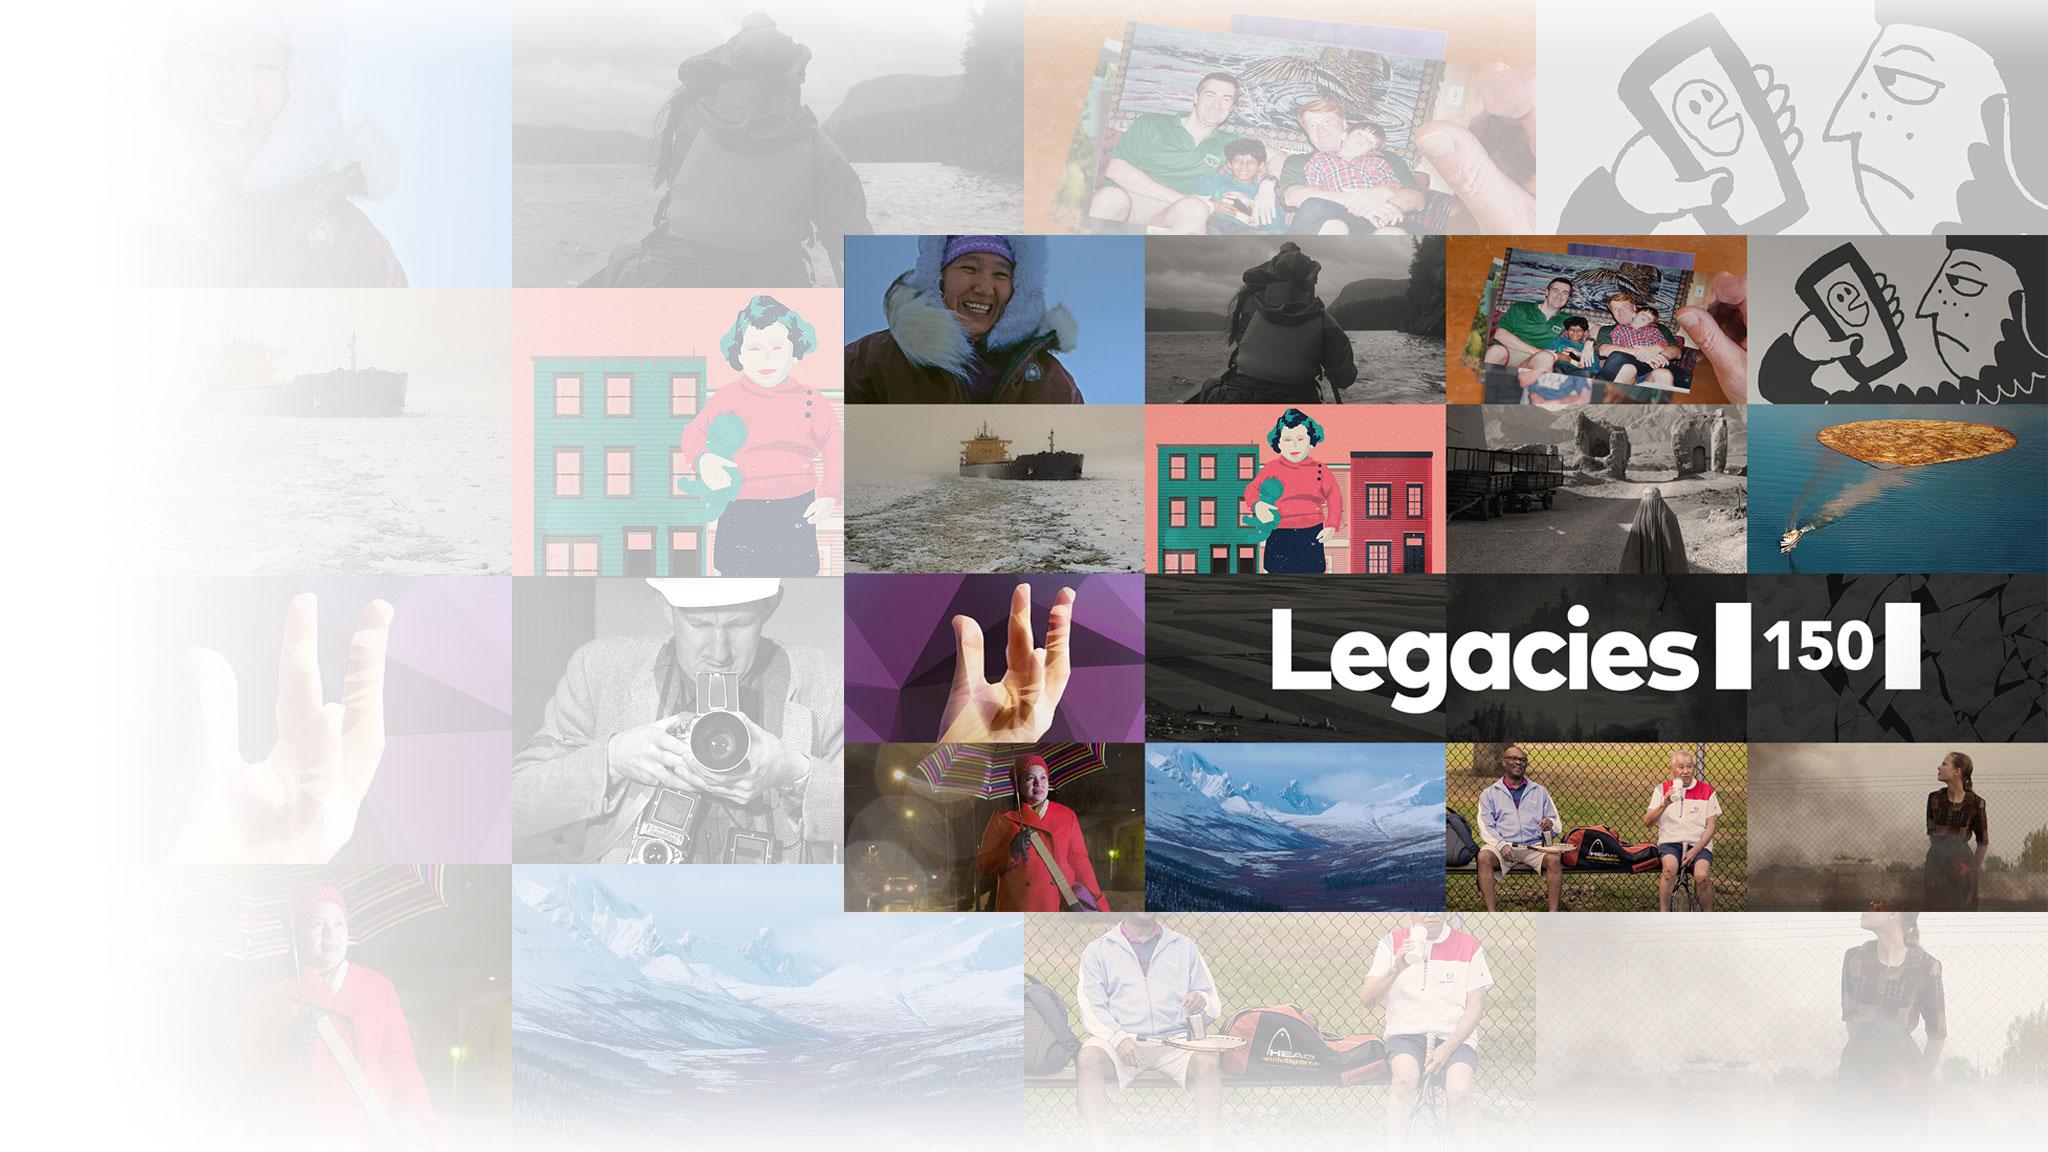 Legacies 150 (Ages 13+)